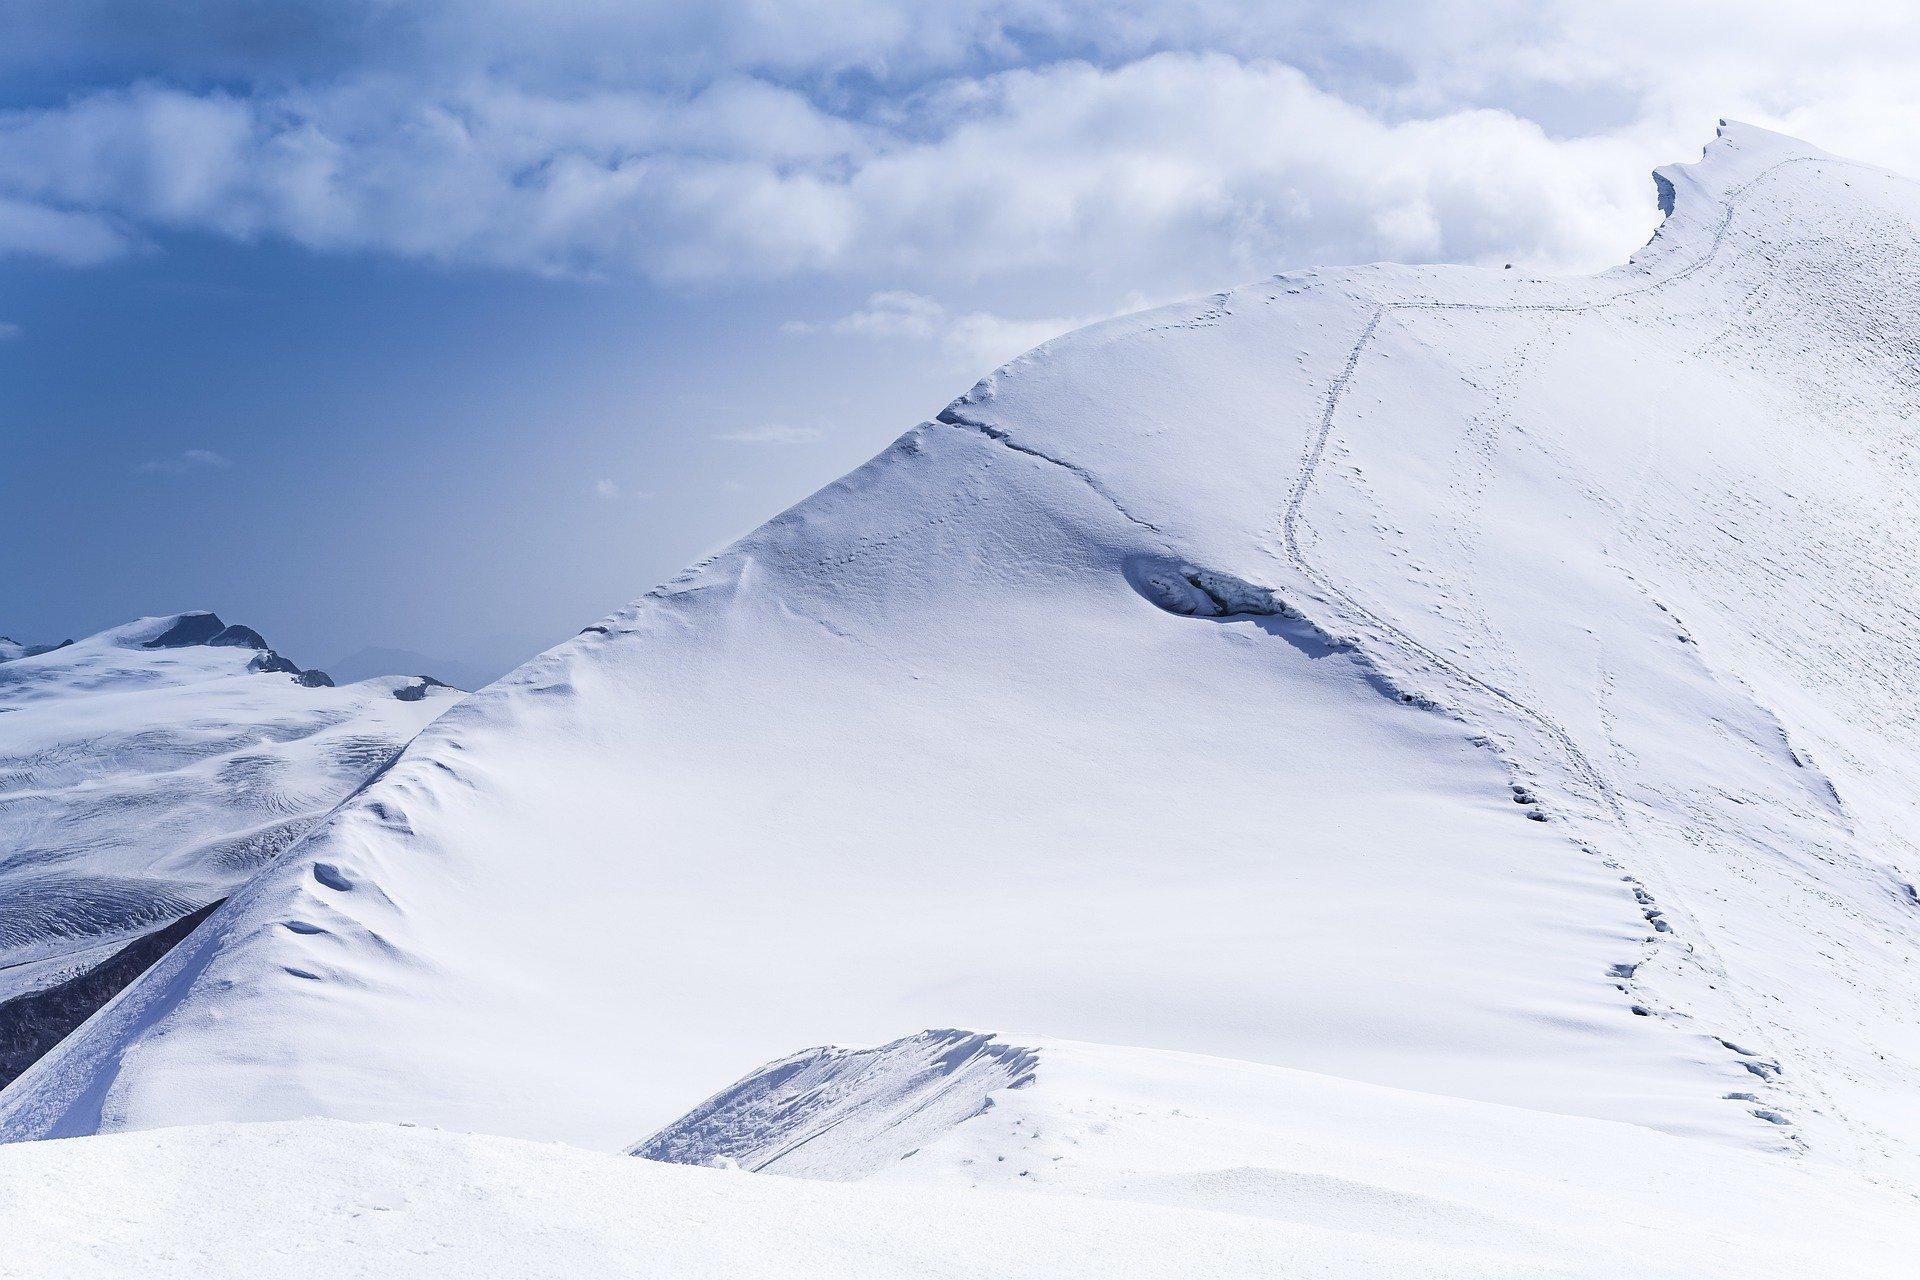 Górskie, zimowe warunki kontra nasz samochód